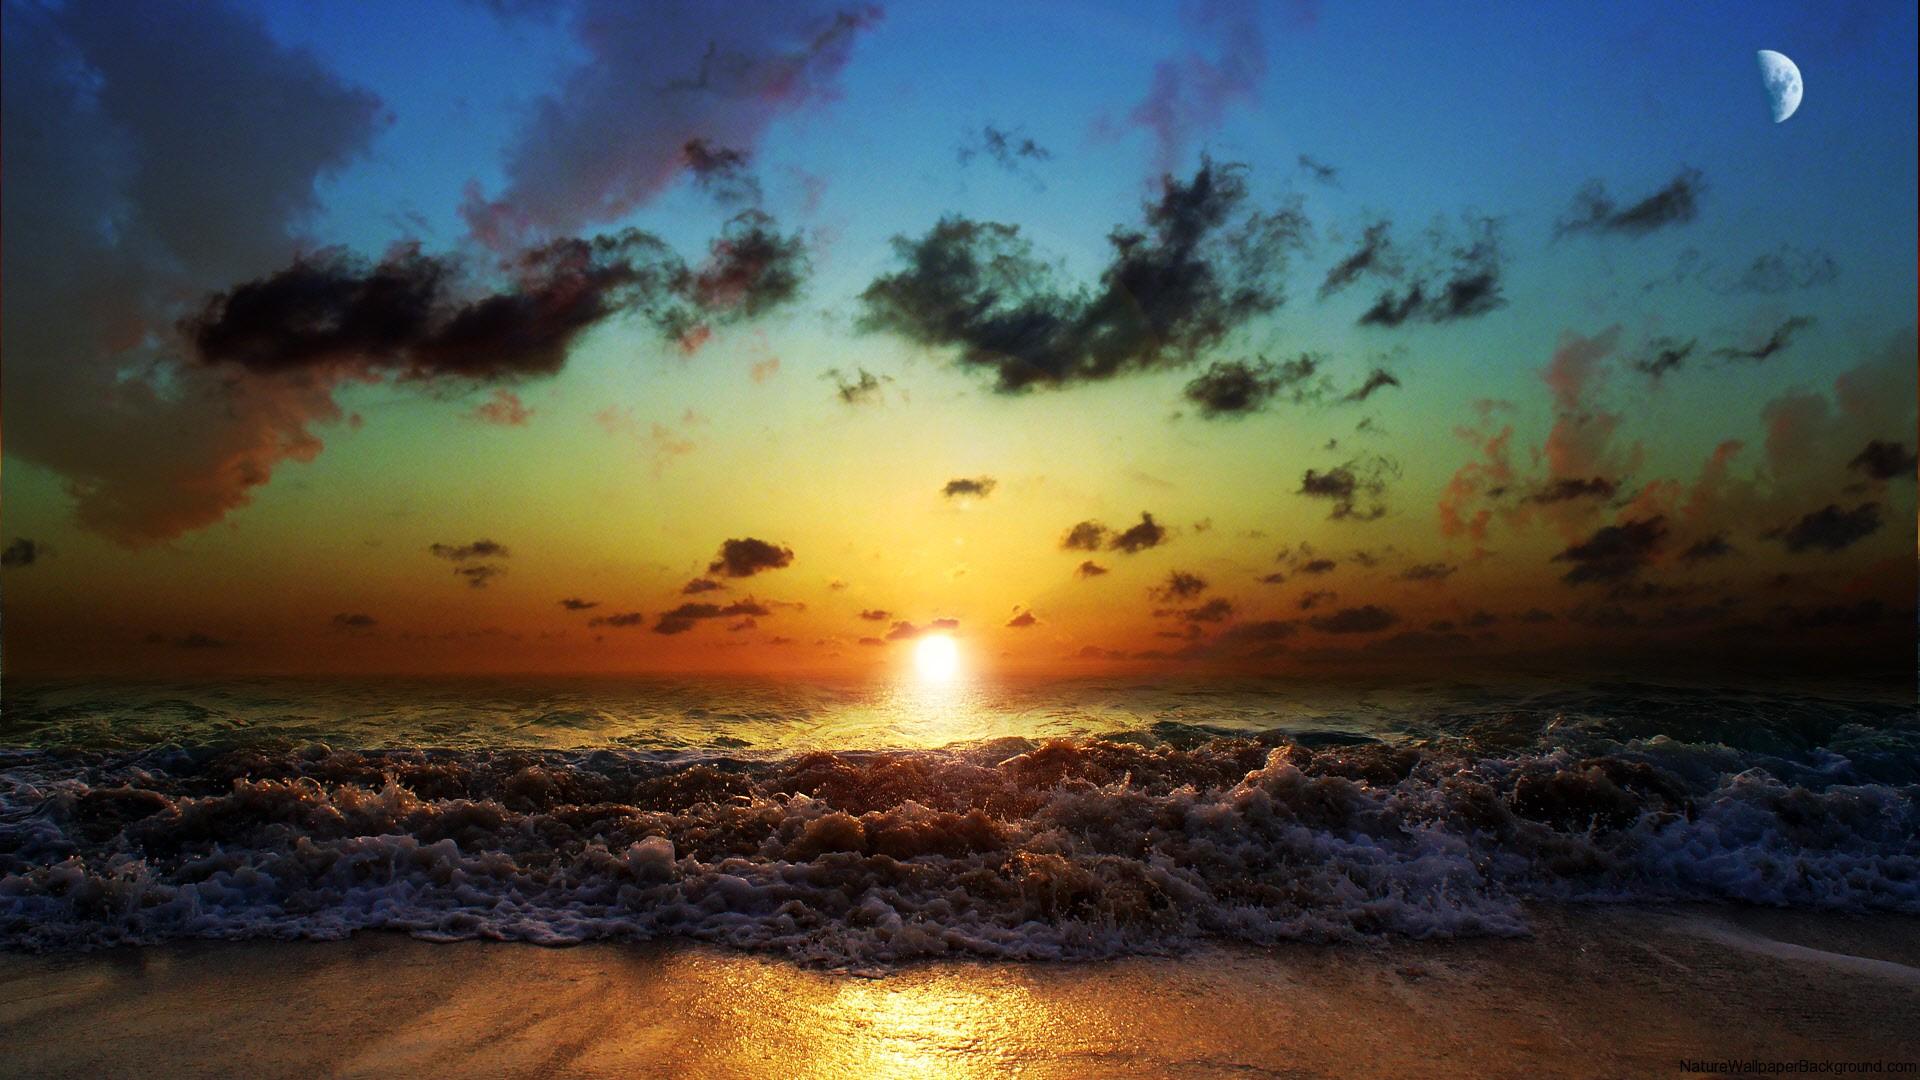 1920x1080 wallpaper amazing sunset - photo #21